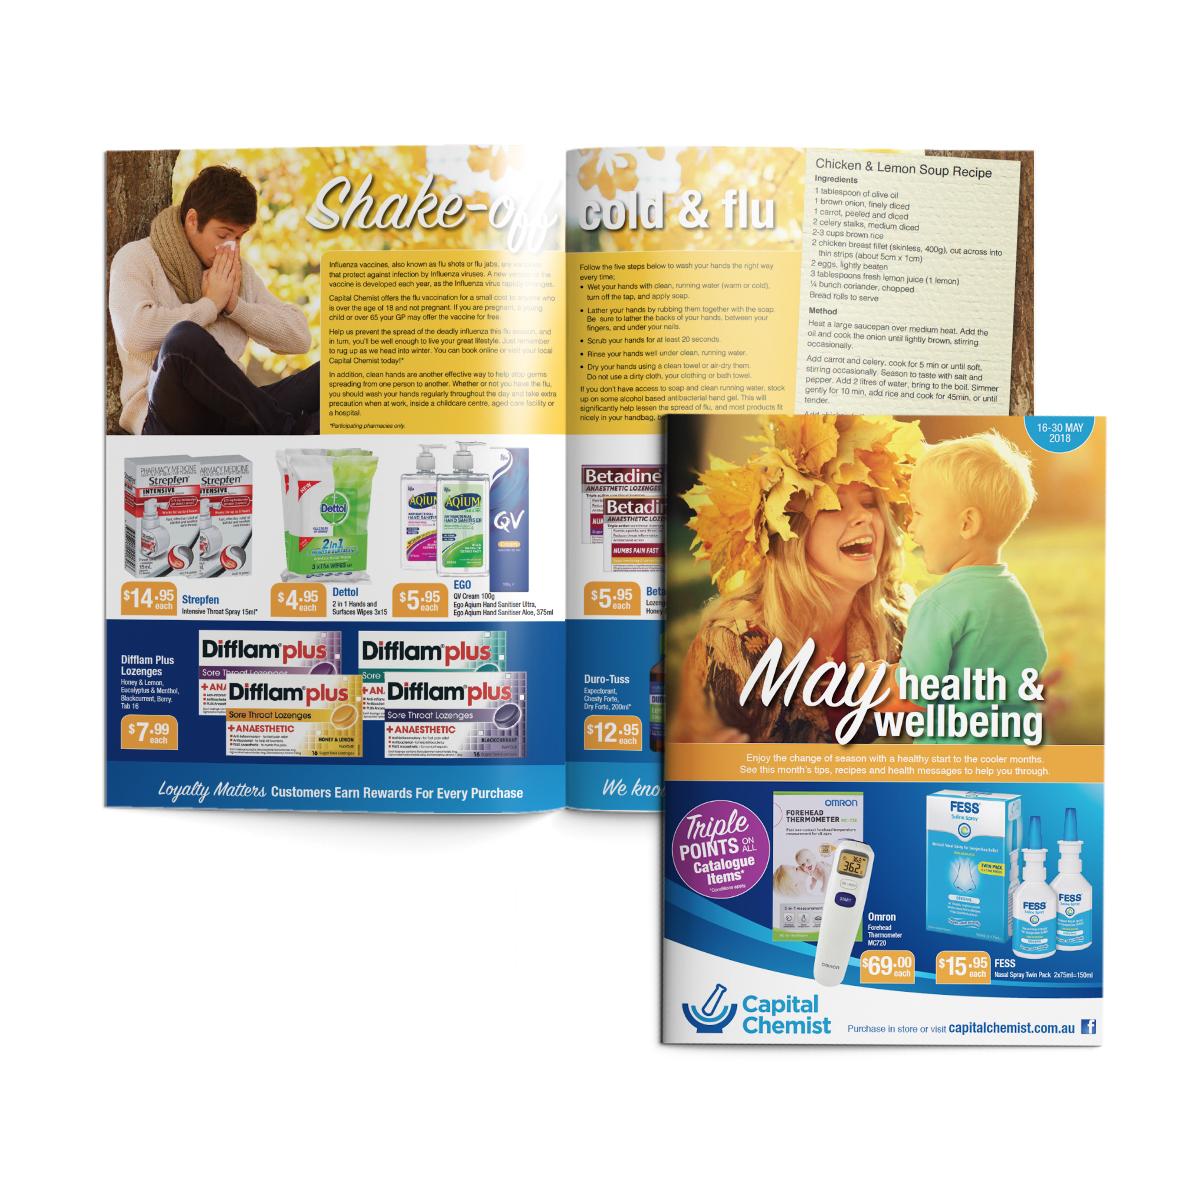 Capital Chemist Catalogue